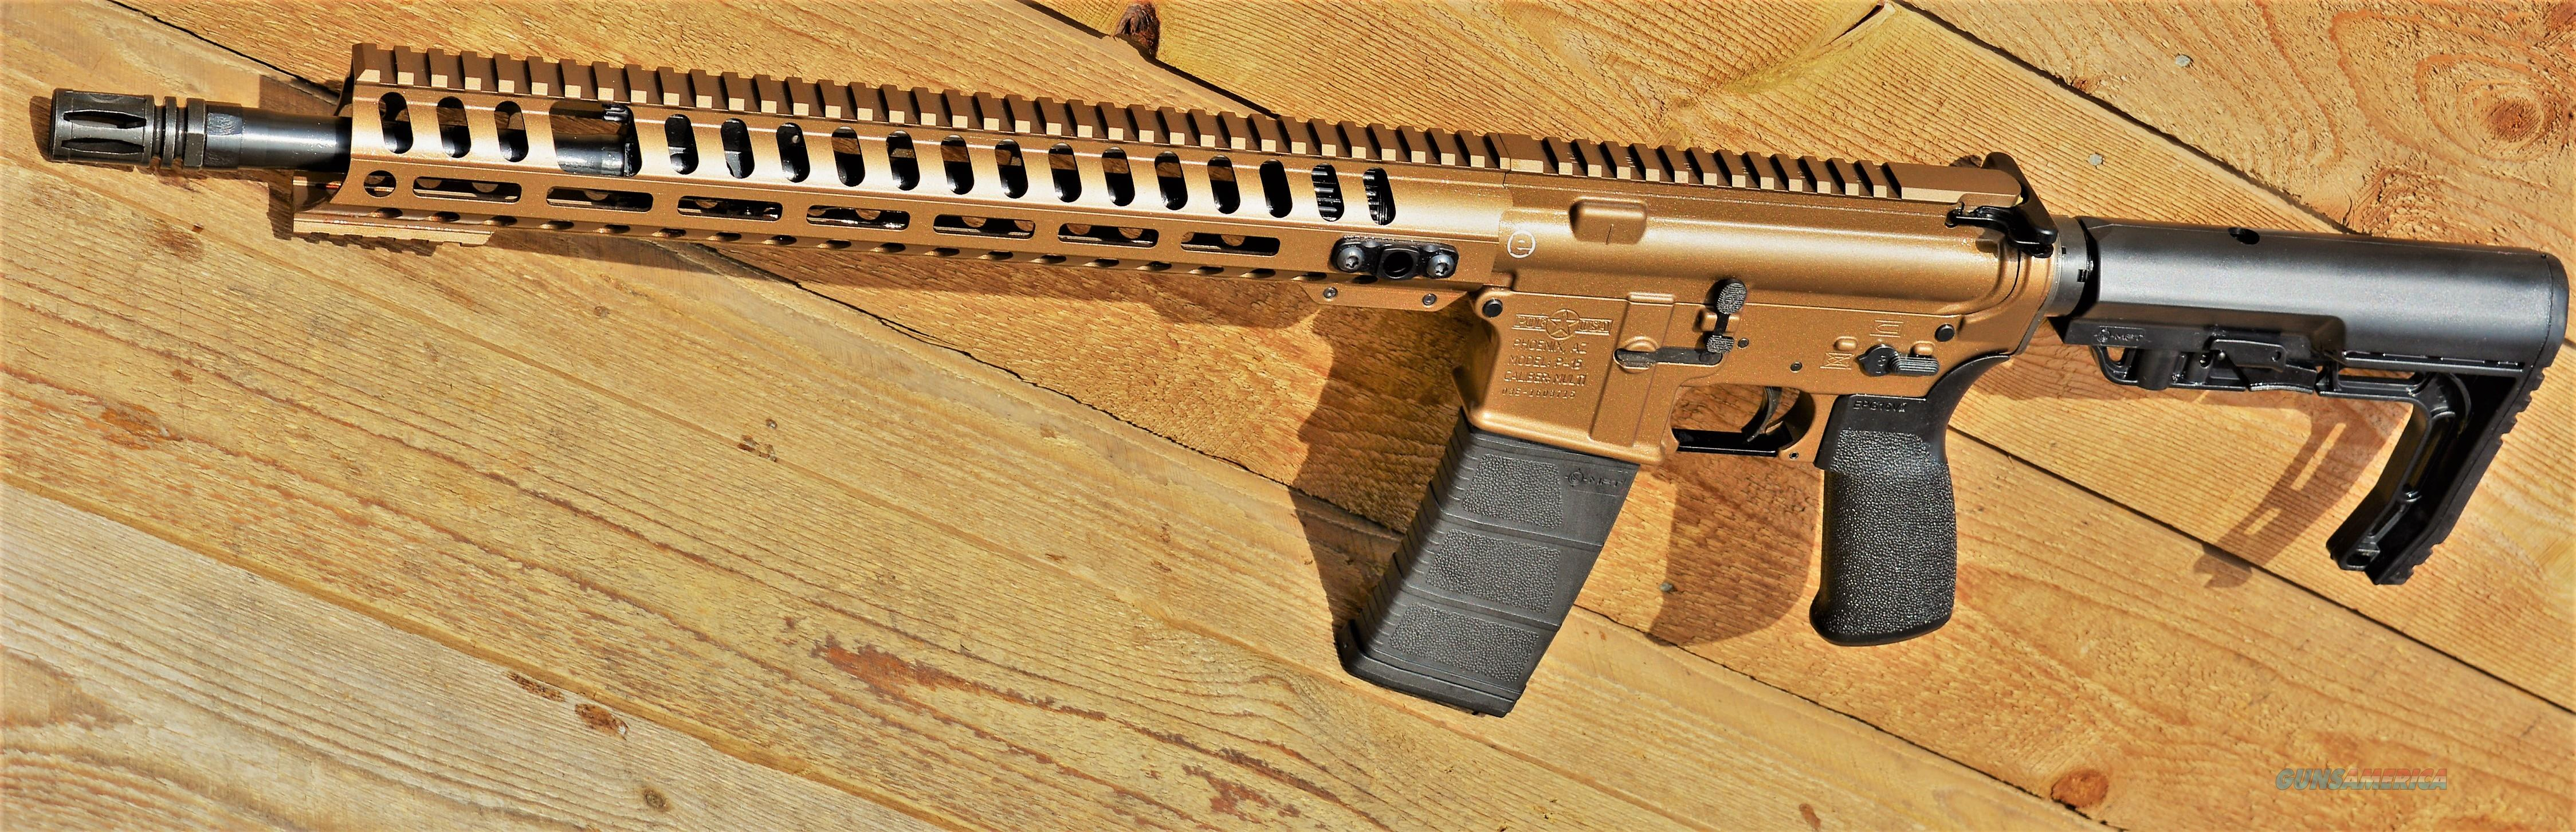 Johnny West Derringer Bronze Pistol Renegade Weapon